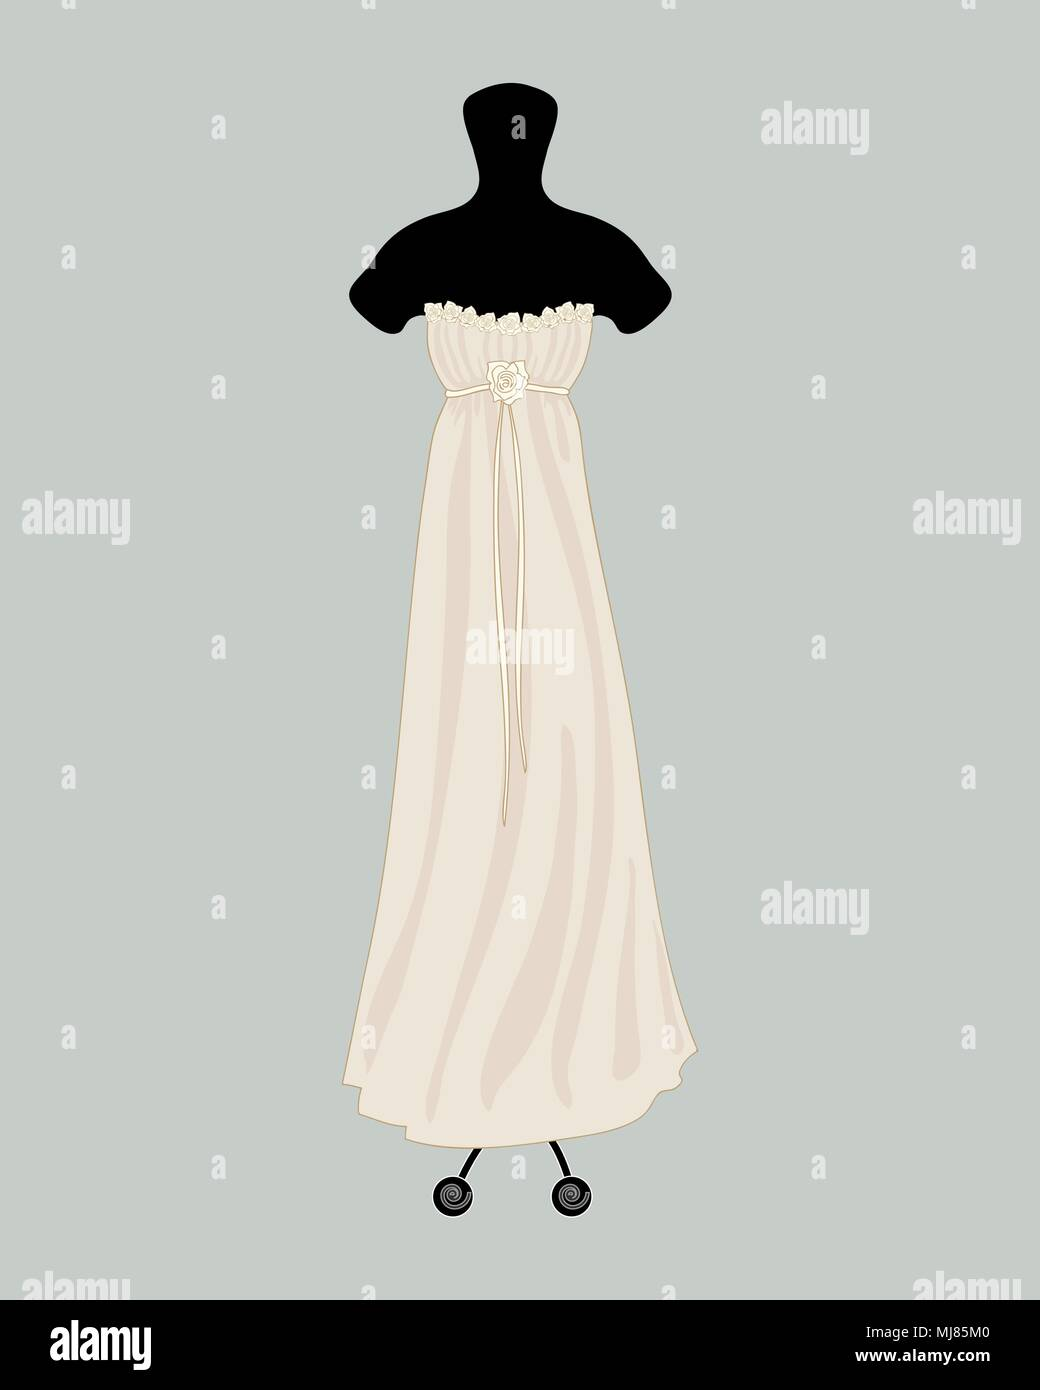 Una illustrazione vettoriale in formato eps 8 formato di un designer di Bellissimo abito da sposa in un elegante stile greco con decorazione di rose e ruching Immagini Stock